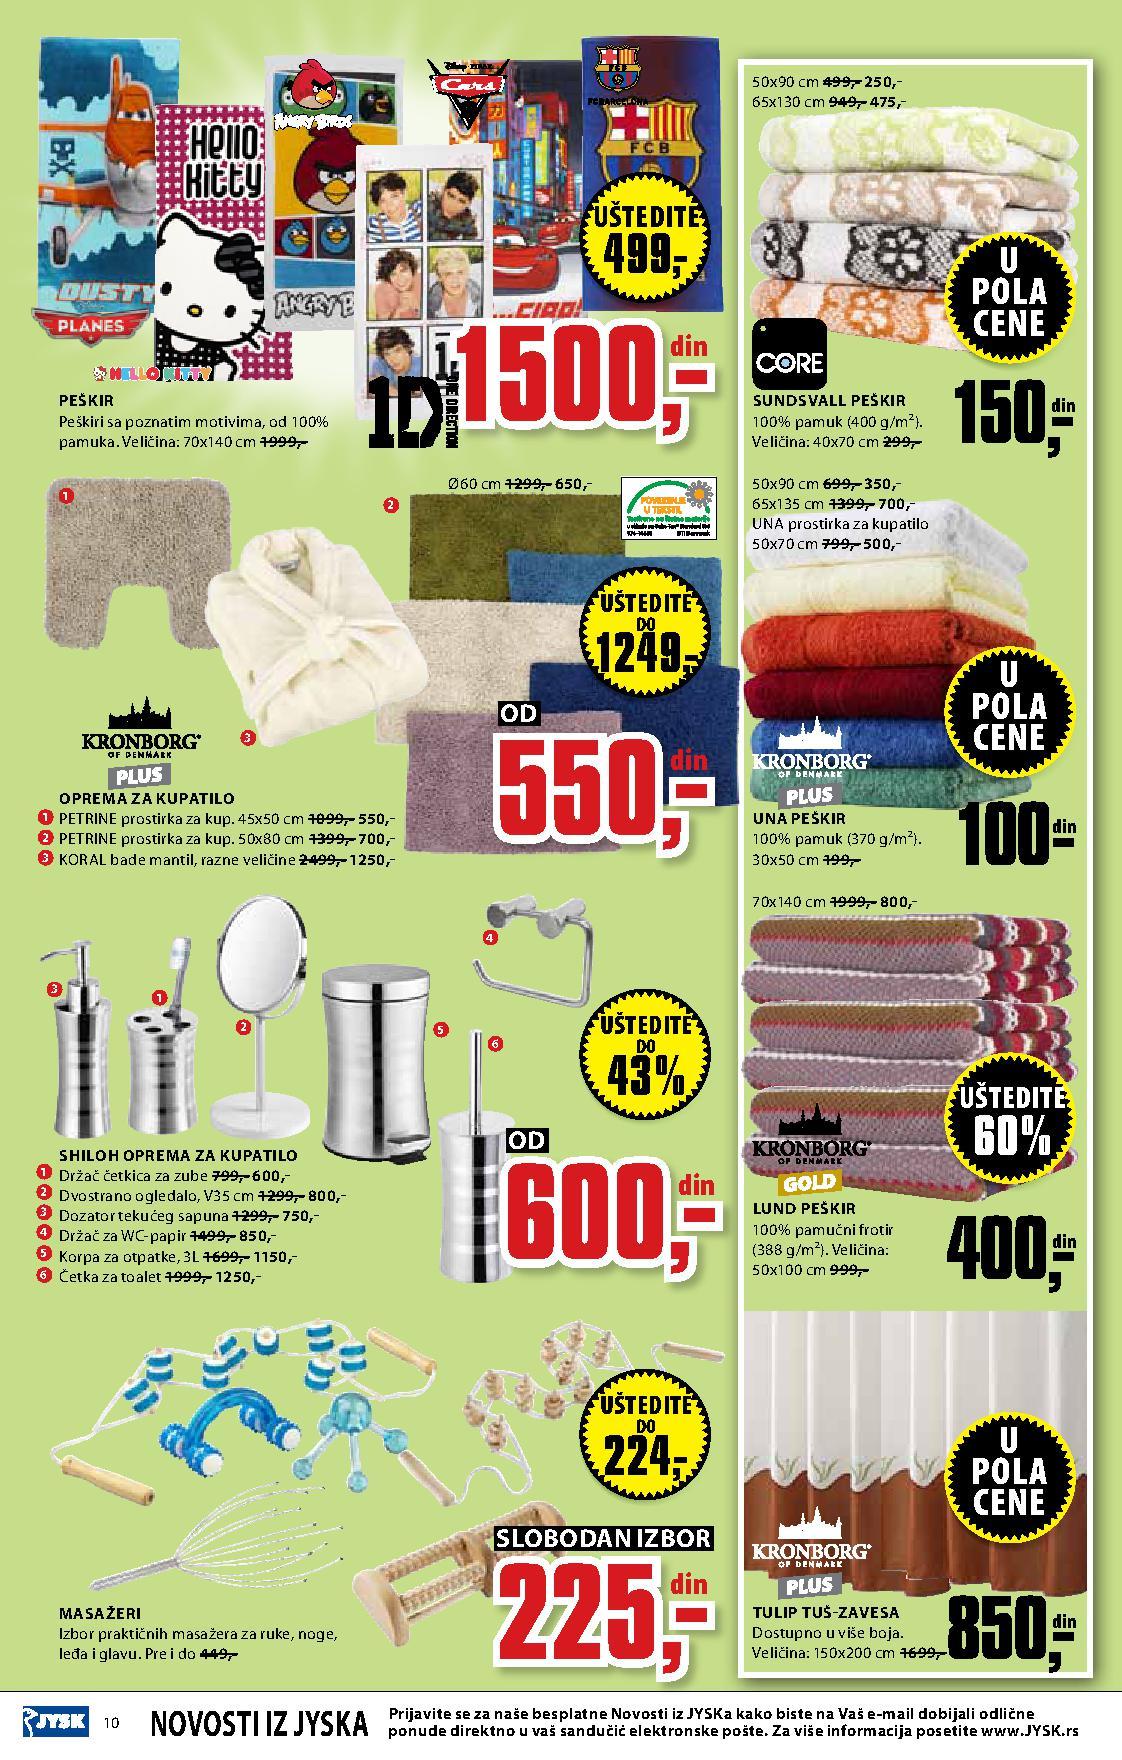 JYSK katalog najbolje za vaš dom